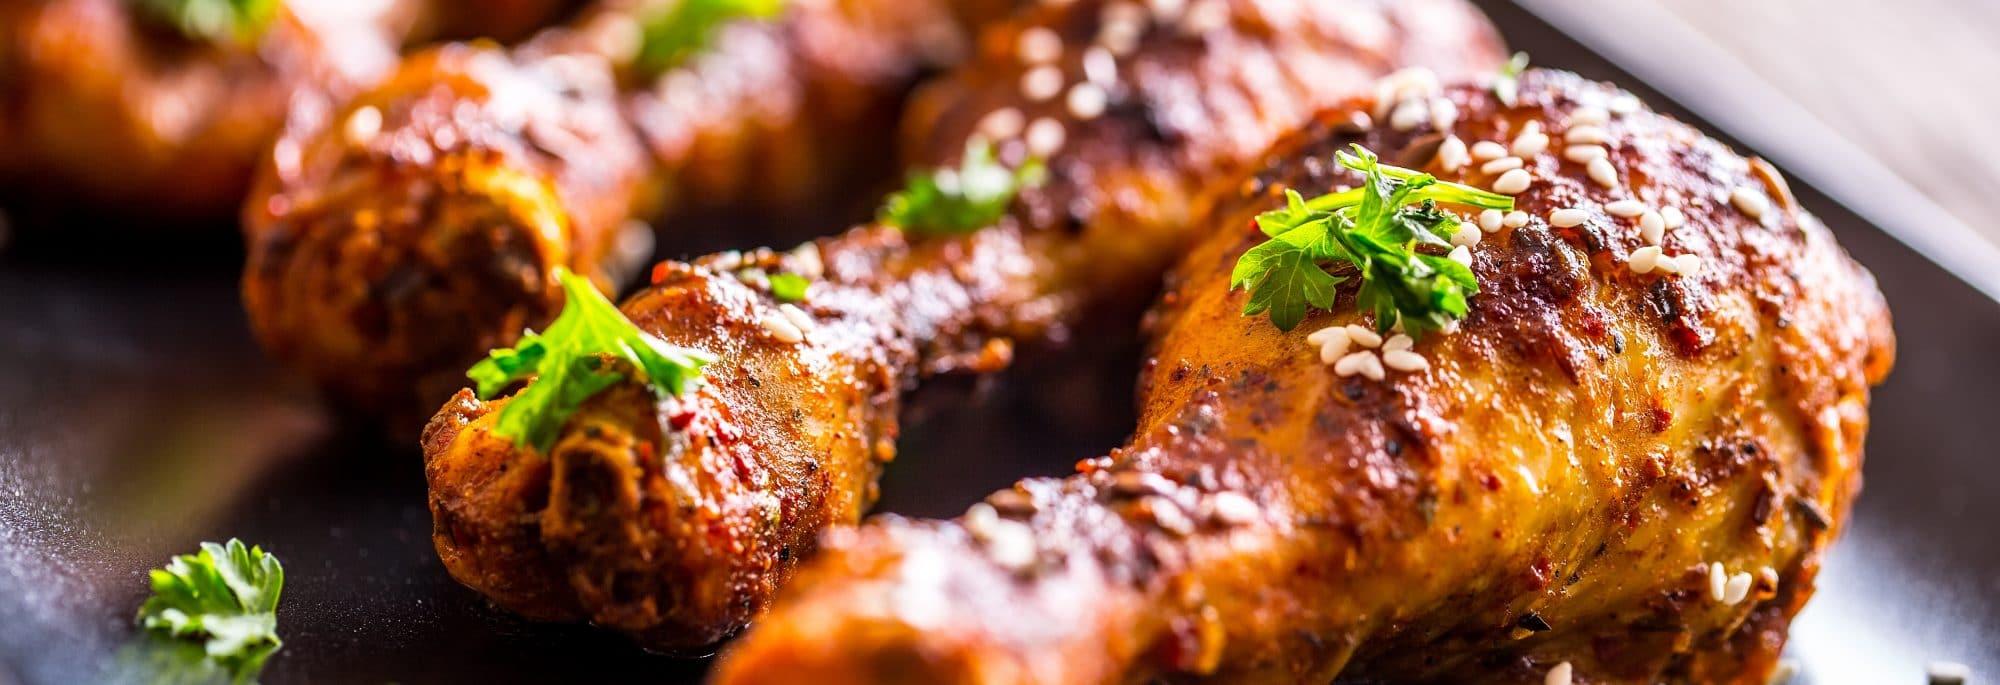 cuisses-de-poulet-flambees-au-whisky